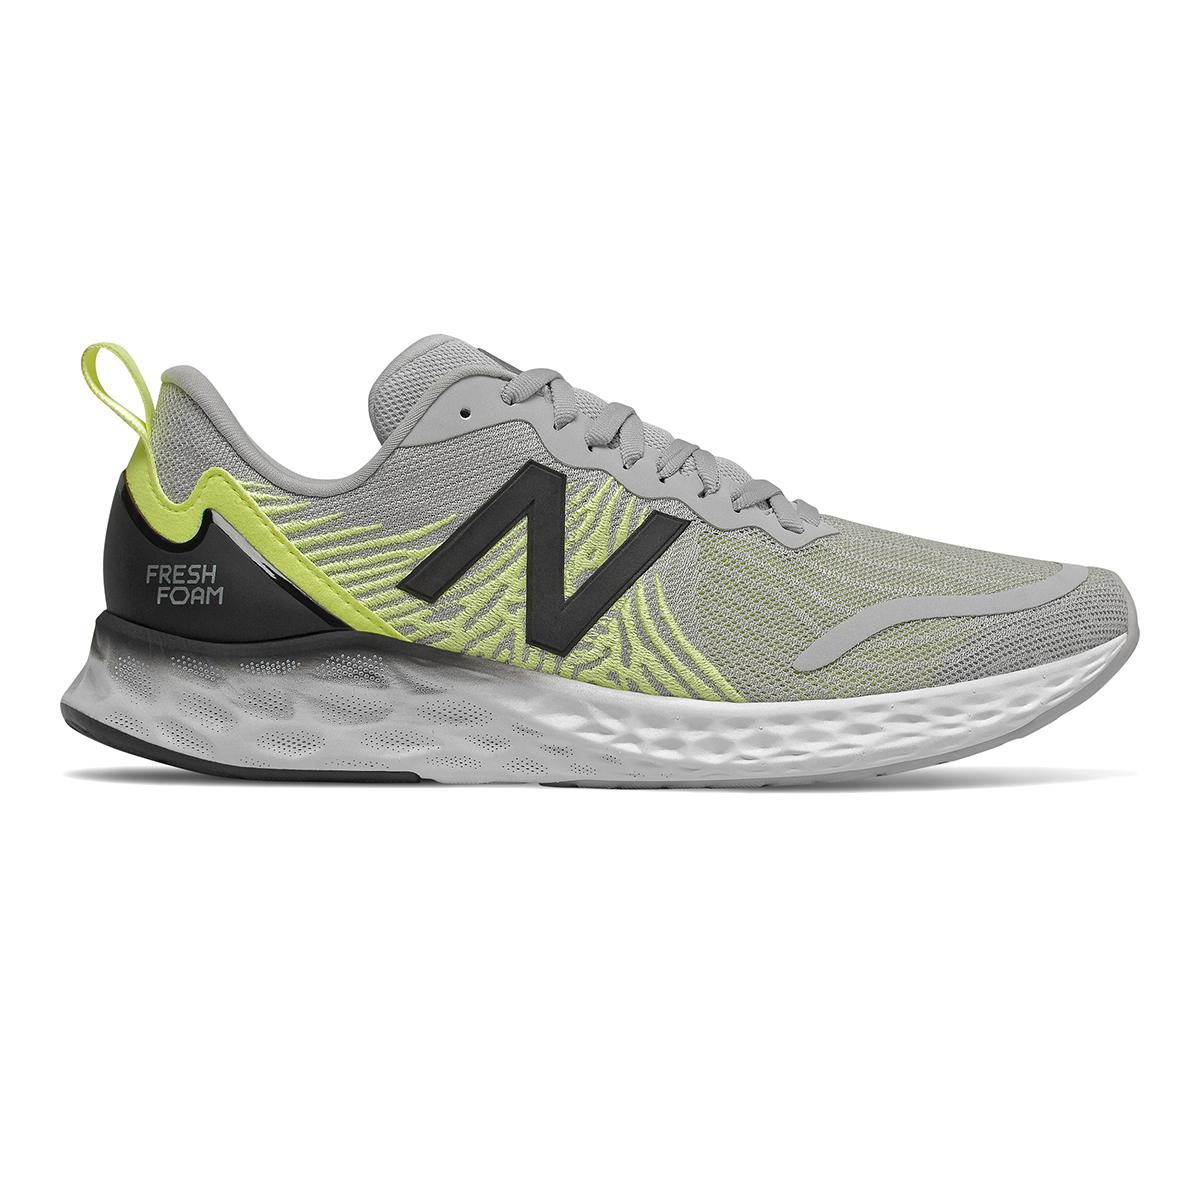 Men's New Balance Tempo Running Shoe - Color: Rain Cloud - Size: 7 - Width: Wide, Rain Cloud, large, image 1